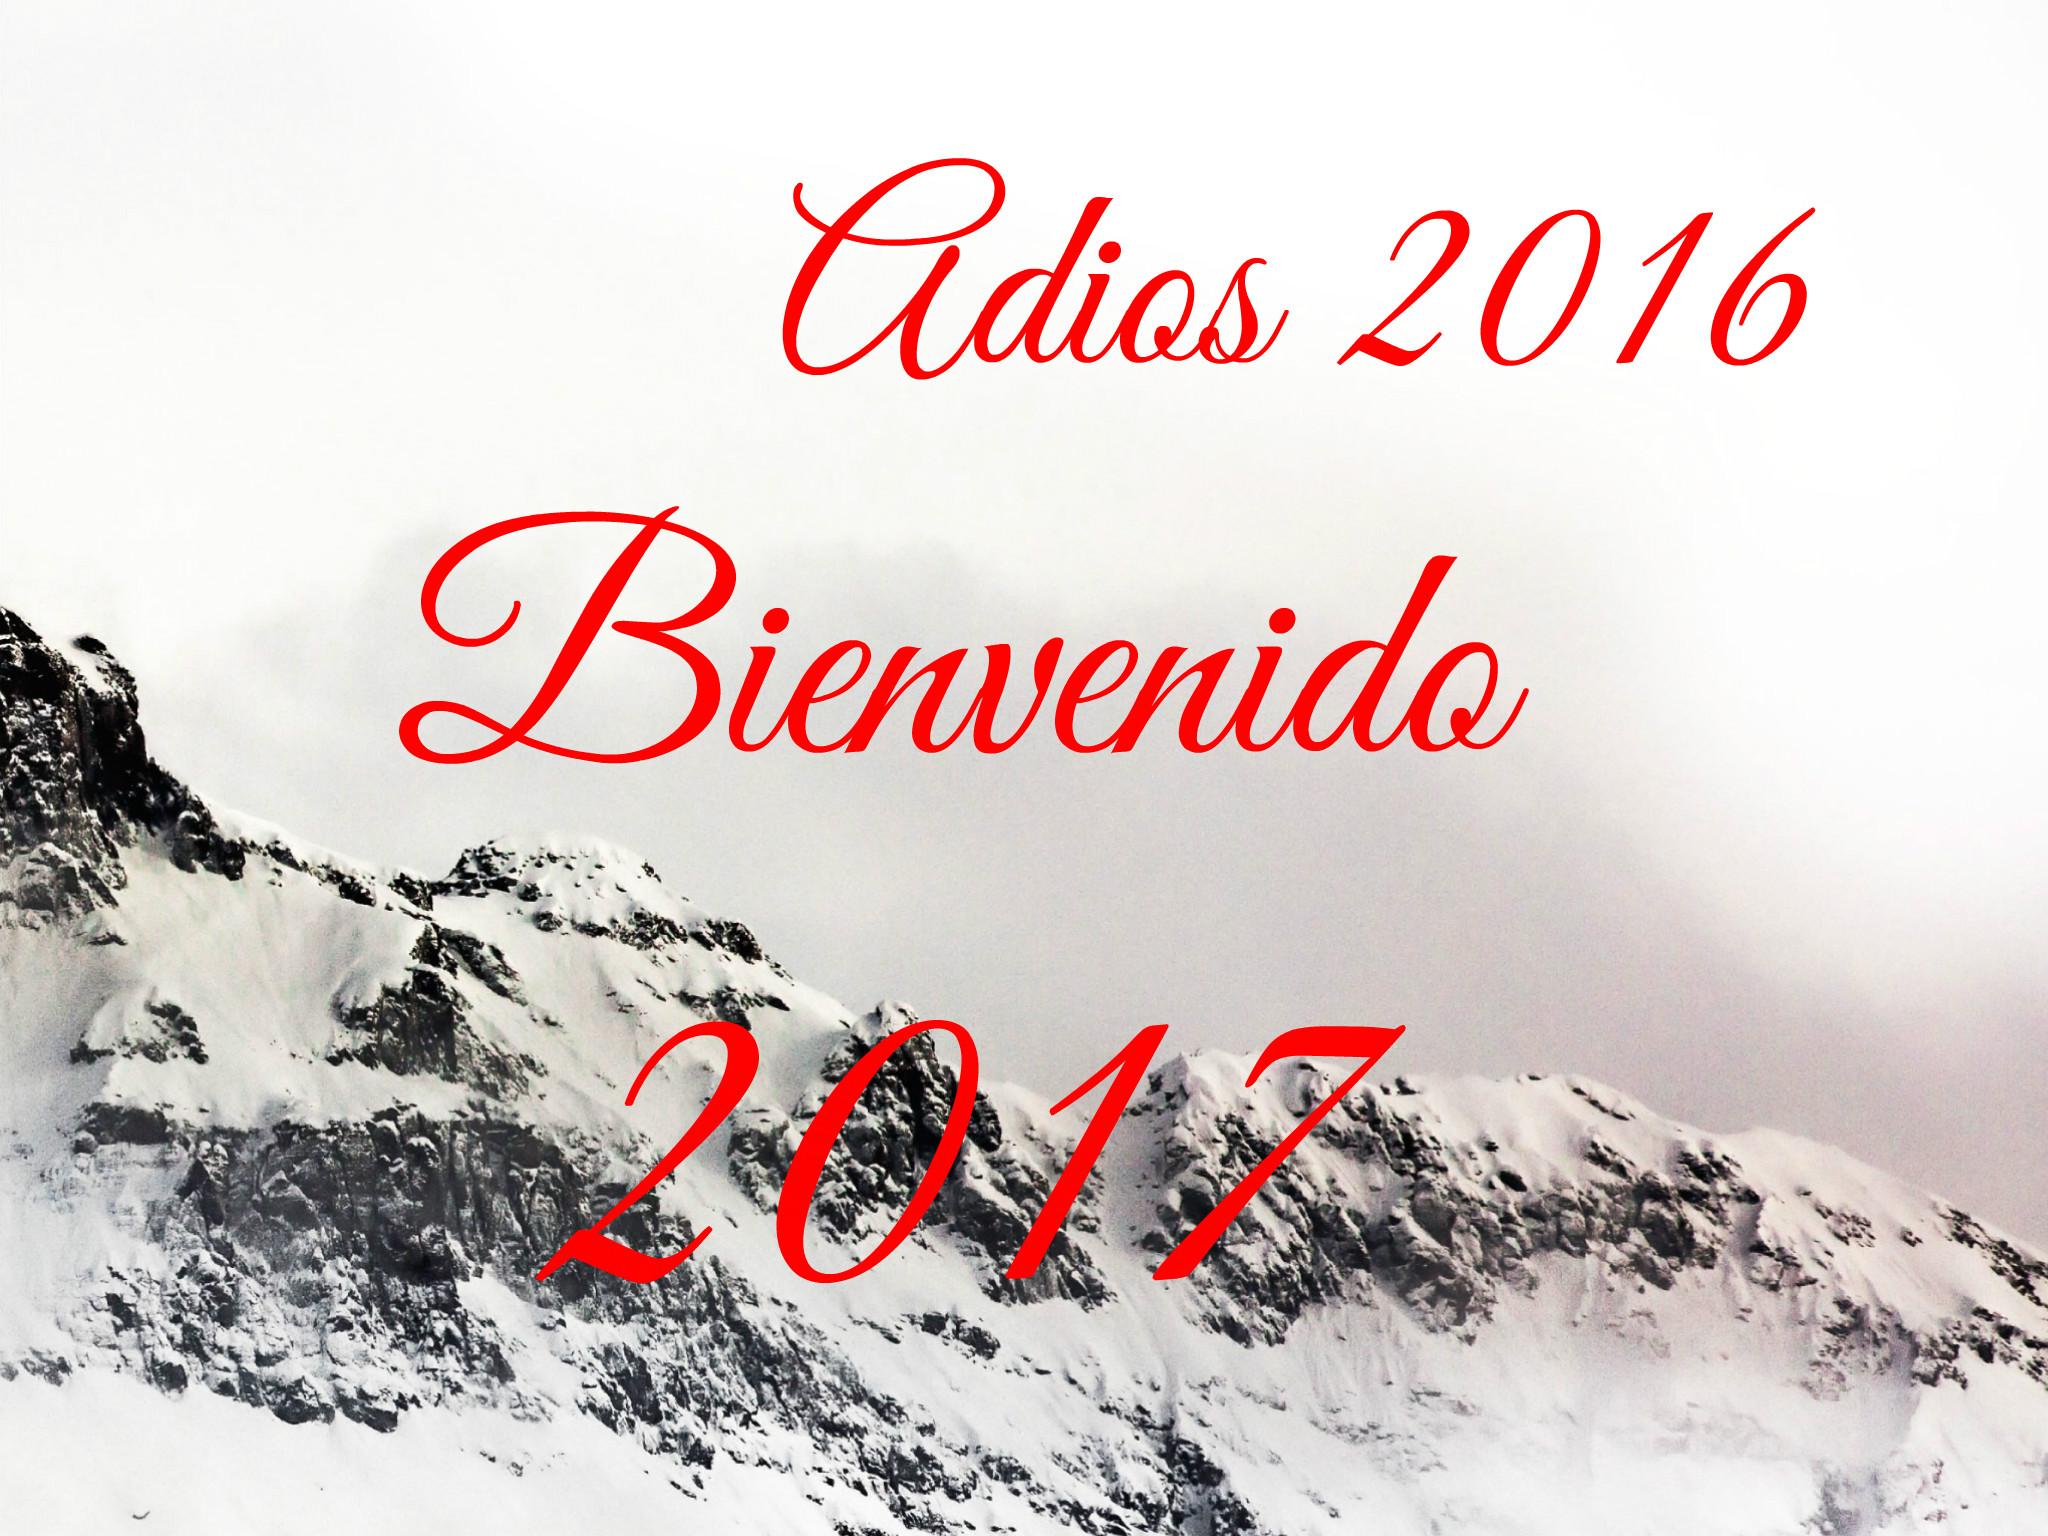 imagenes-de-adios-2016-hola-2017